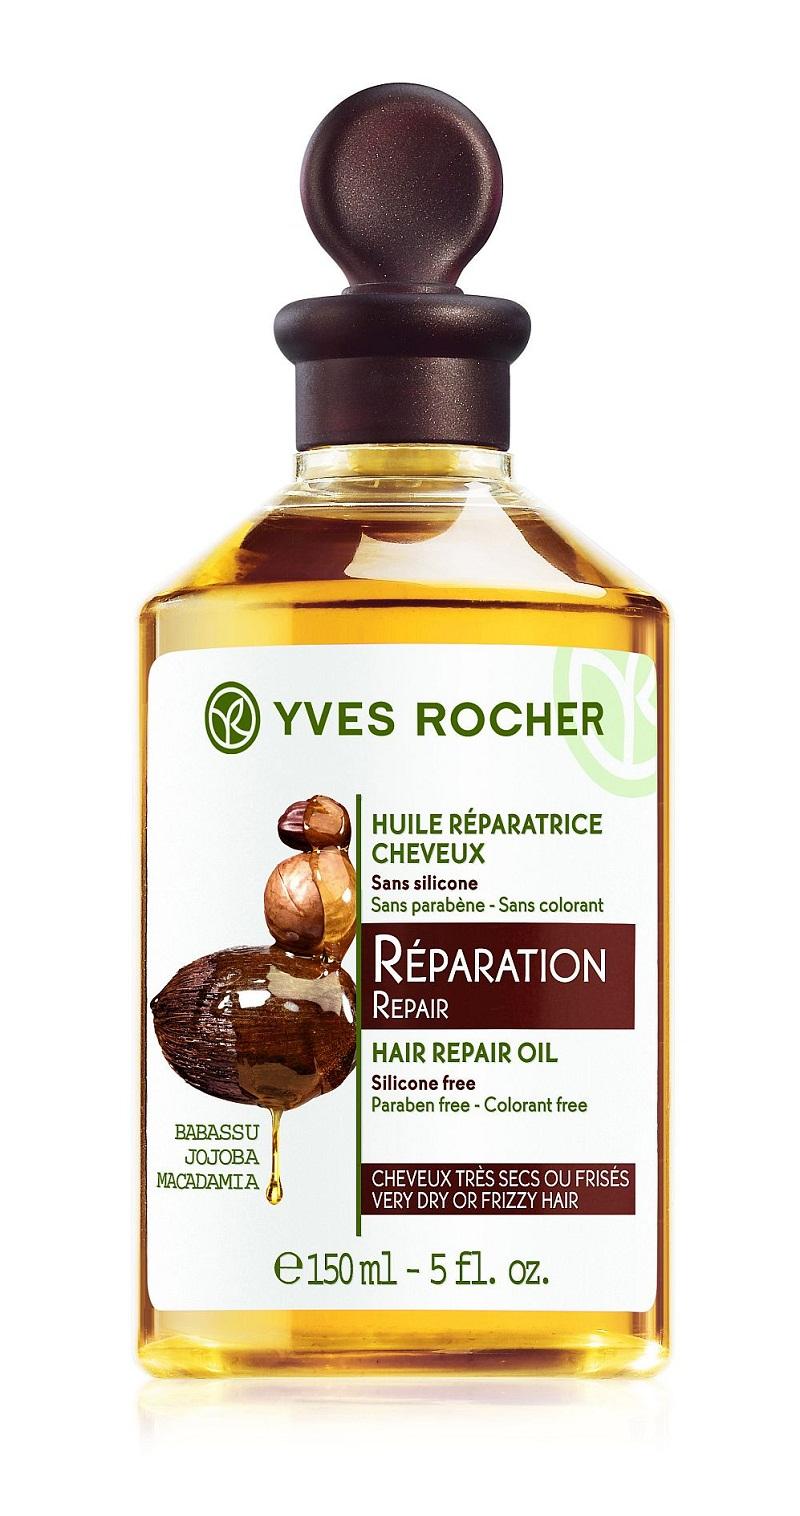 Lhuile réparatrice cheveux de chez Yves Rocher